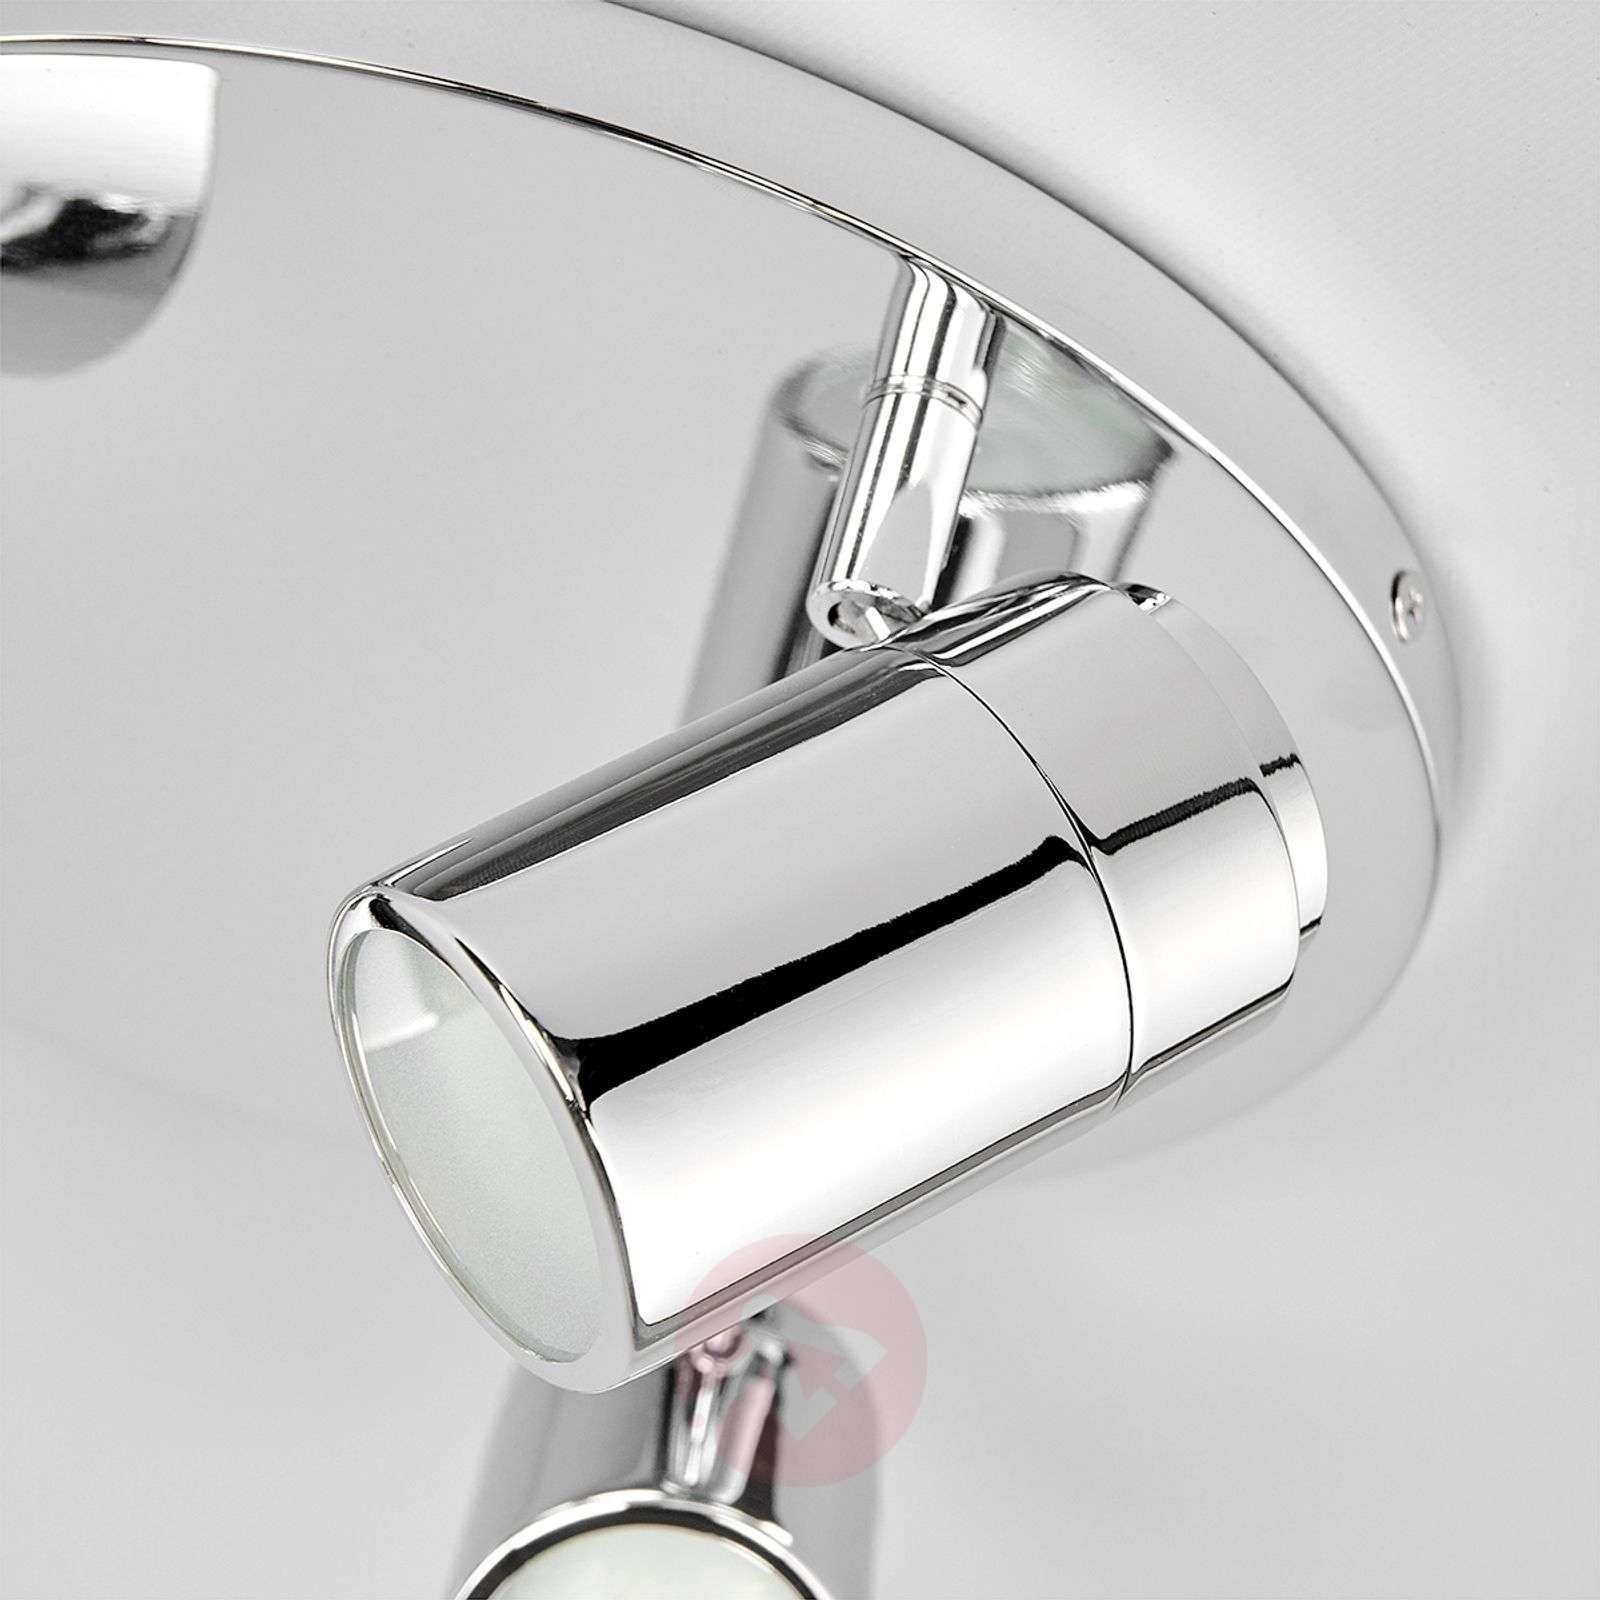 Dejan round ceiling light, glossy chrome-9641038-01